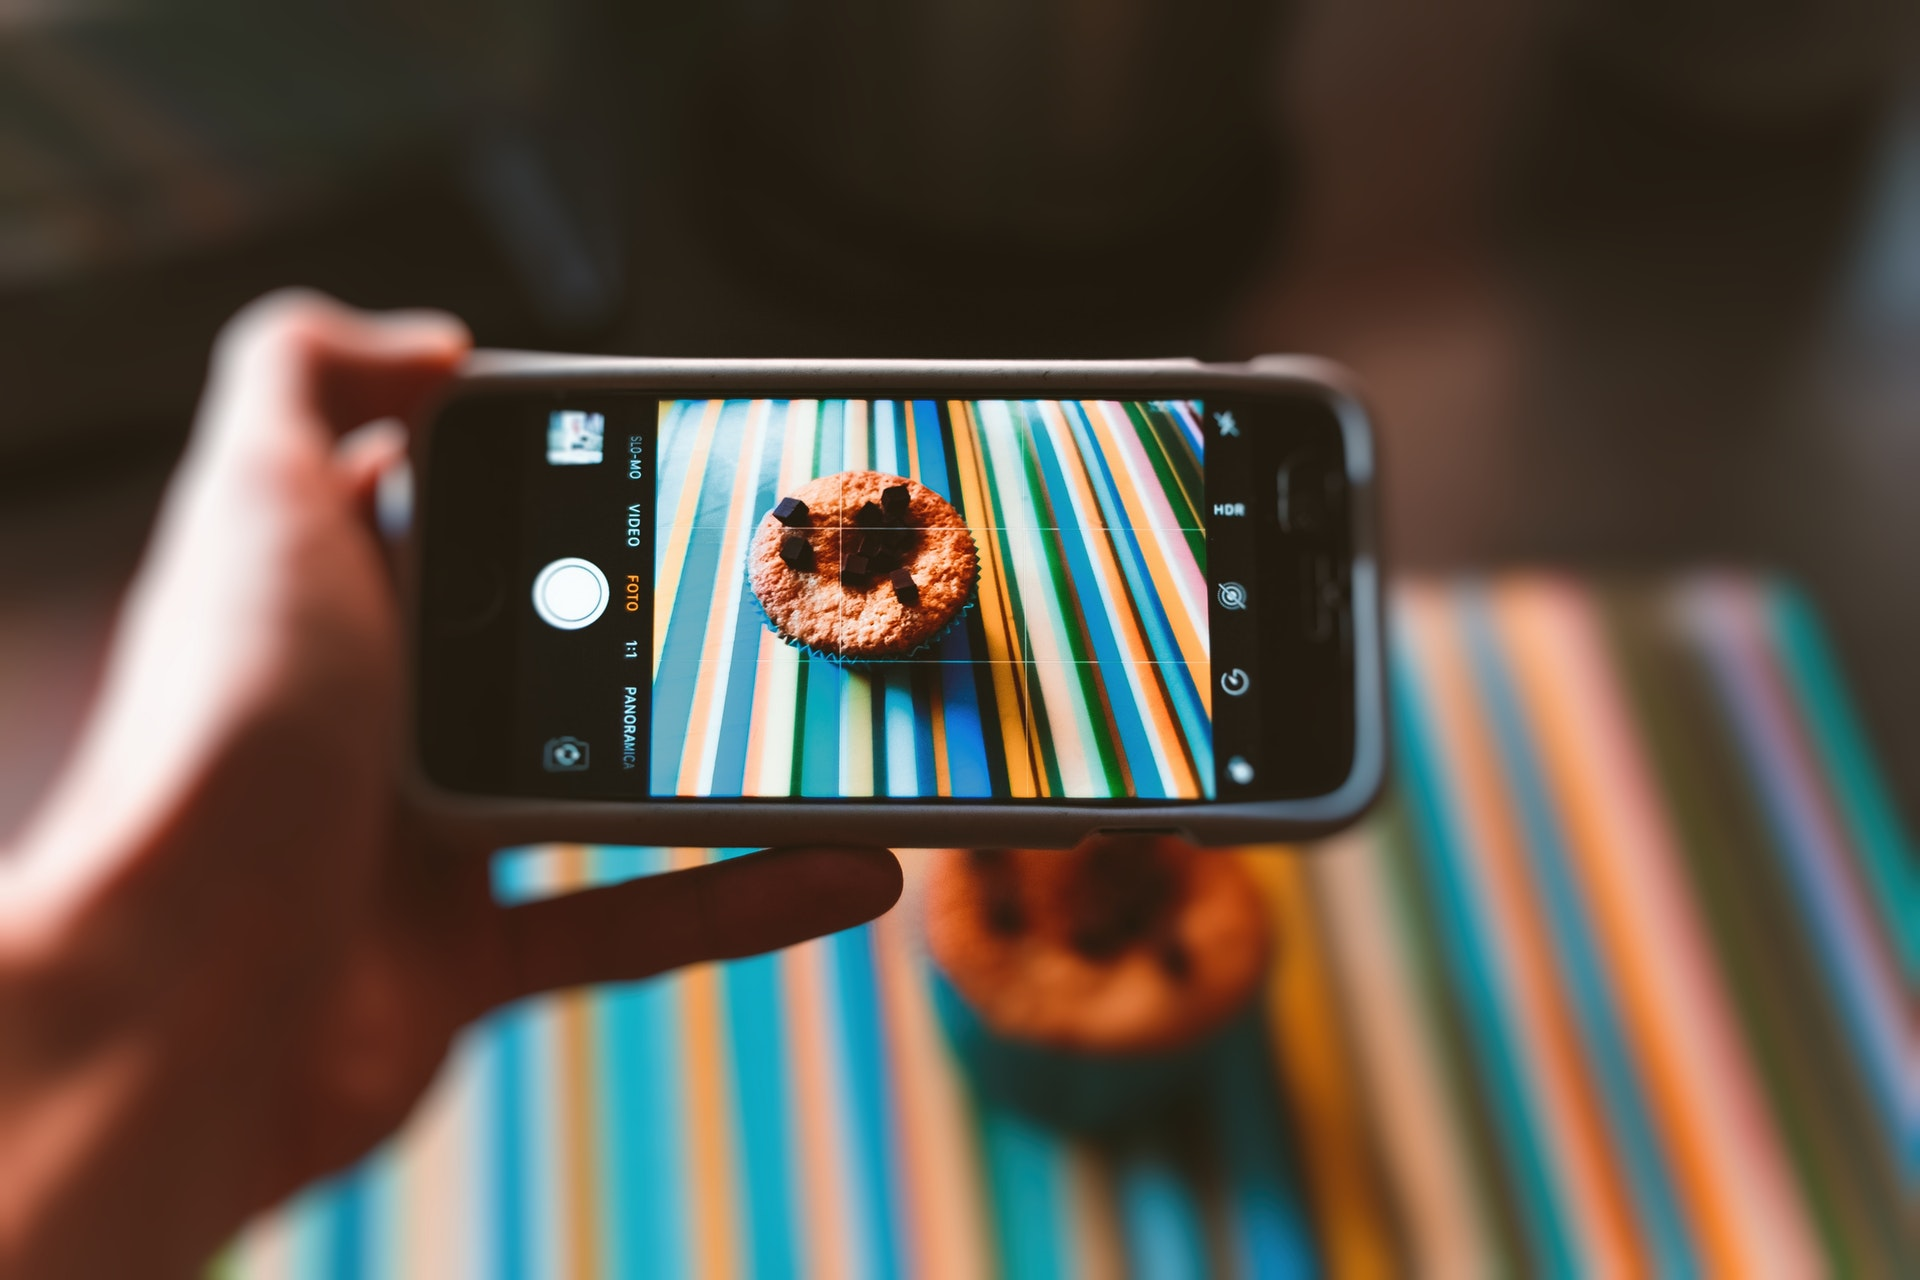 Des applications Android malveillantes volaient les photos des utilisateurs pour créer des faux profils